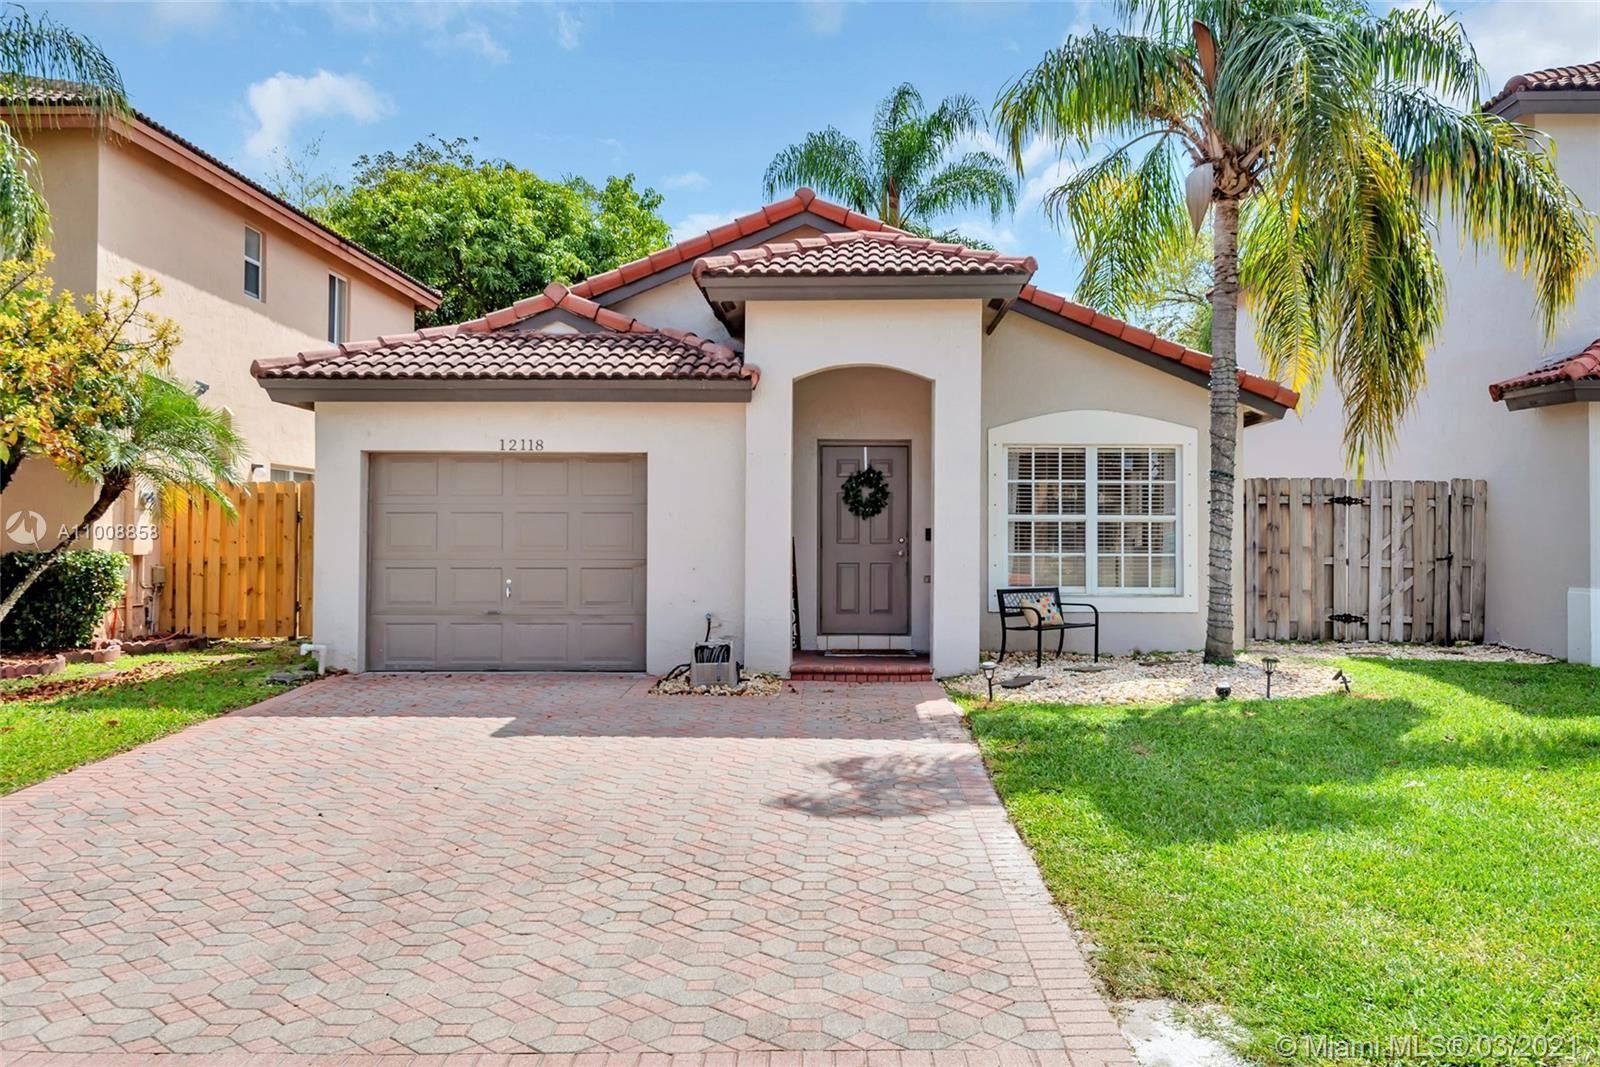 12118 SW 137th Ter, Miami, FL 33186 - #: A11008858